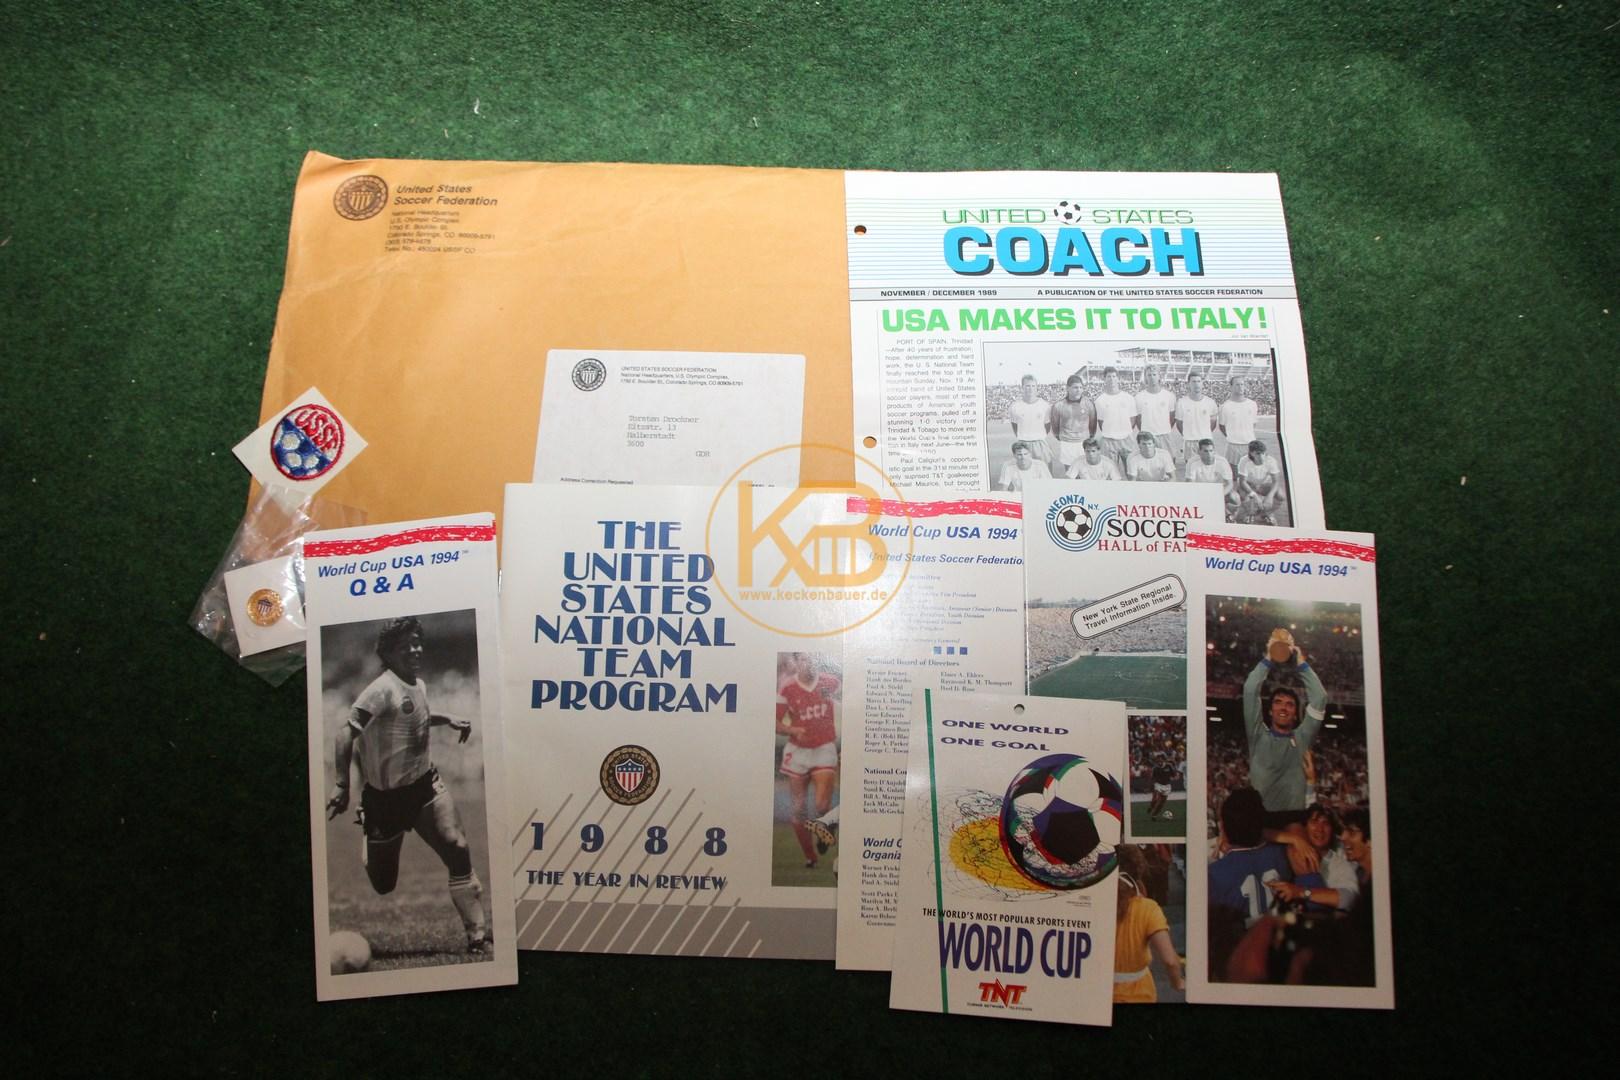 Originalunterlagen die von der US Soccer Federation zur WM 1994 auf Anfrage vorher zugesandt wurden.